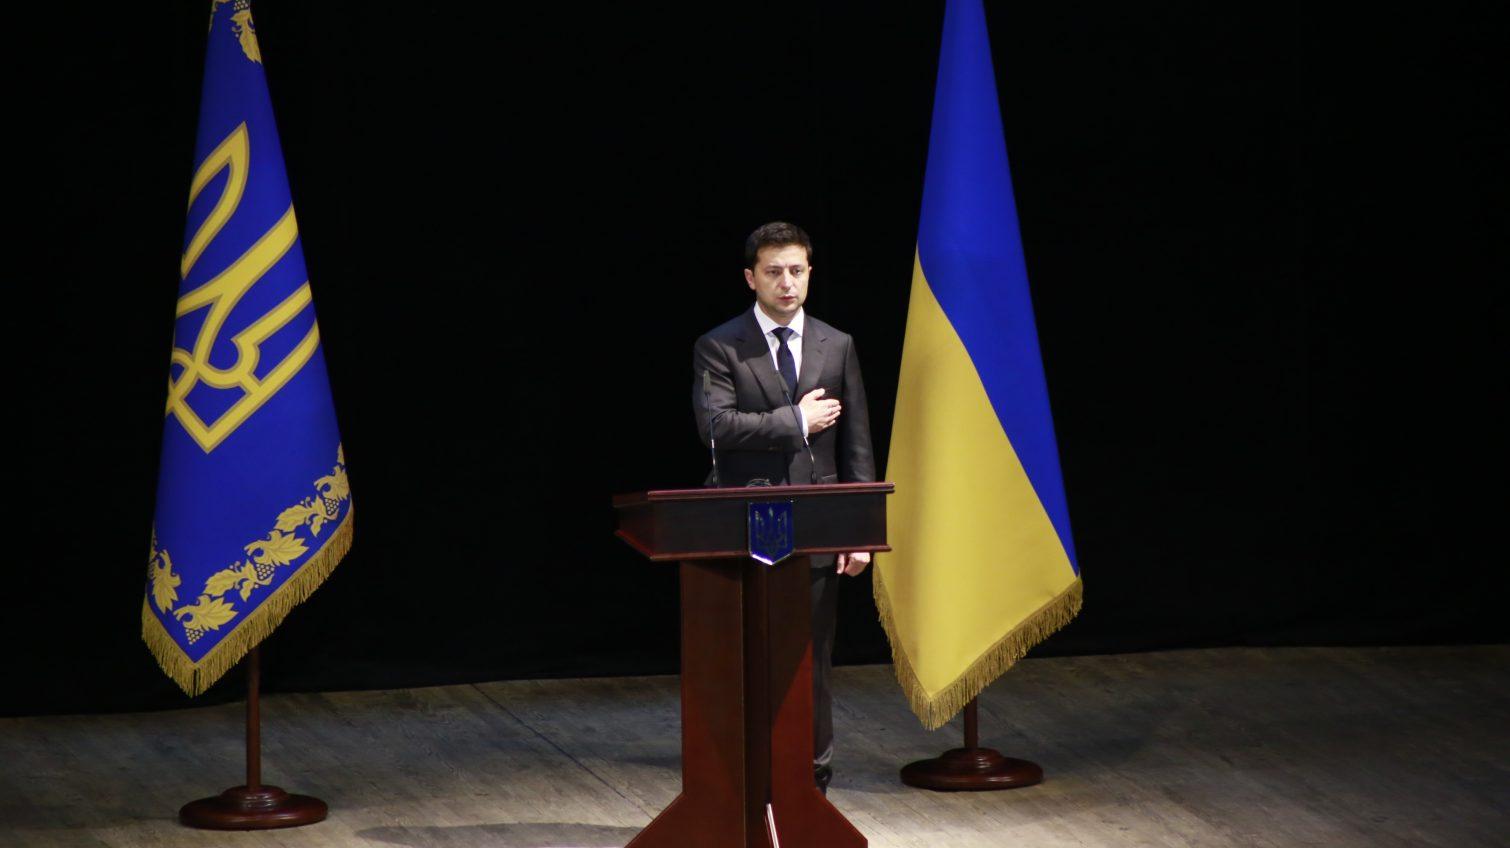 Зеленский выступает в Одесской филармонии: он представляет нового губернатора (трансляция) «фото»